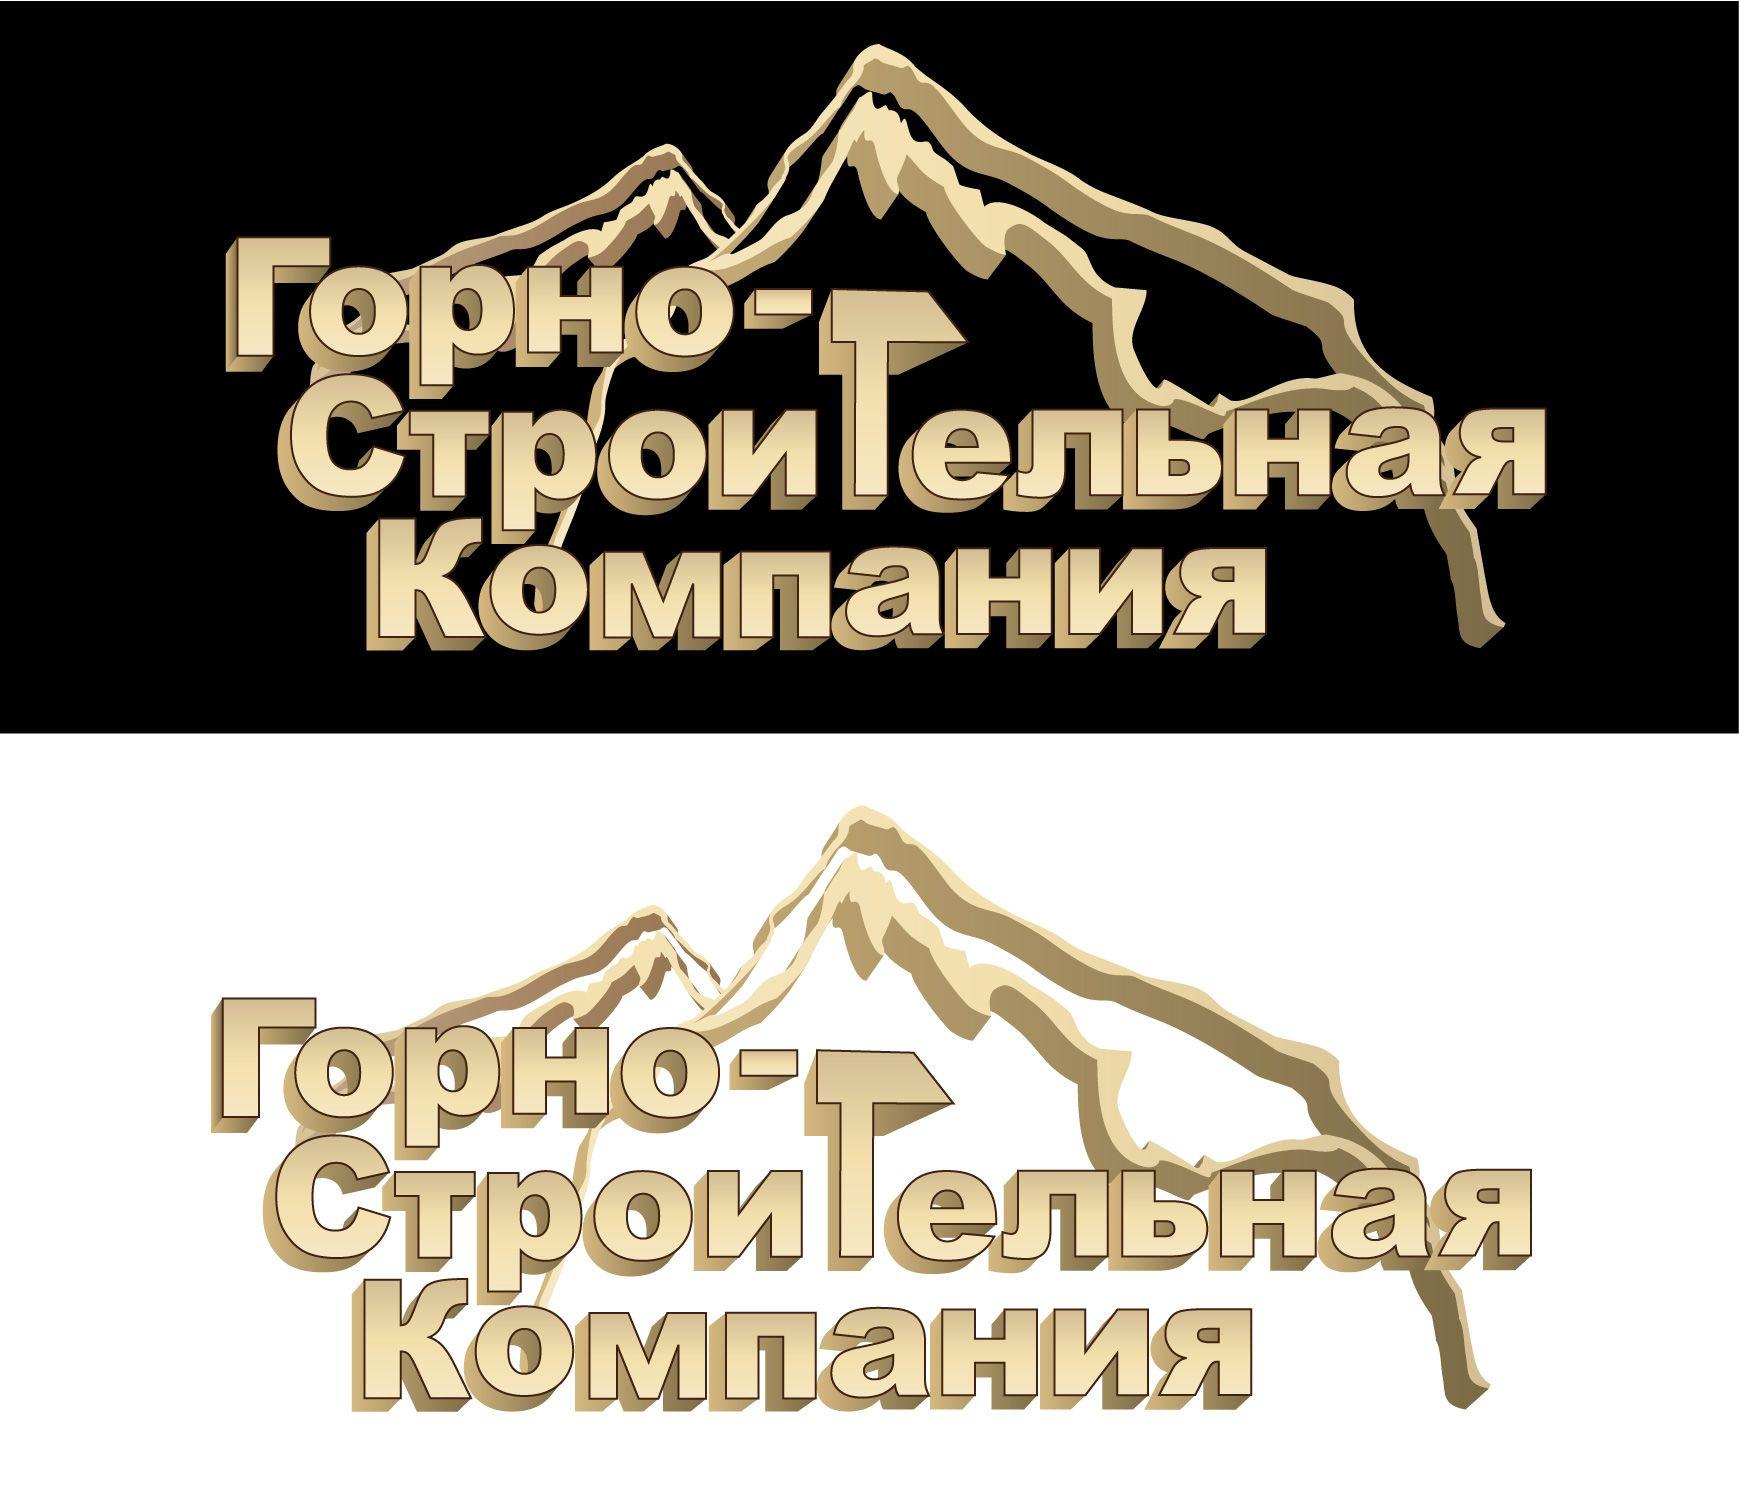 Логотип для Горно-Строительной Компании - дизайнер Valentin1982